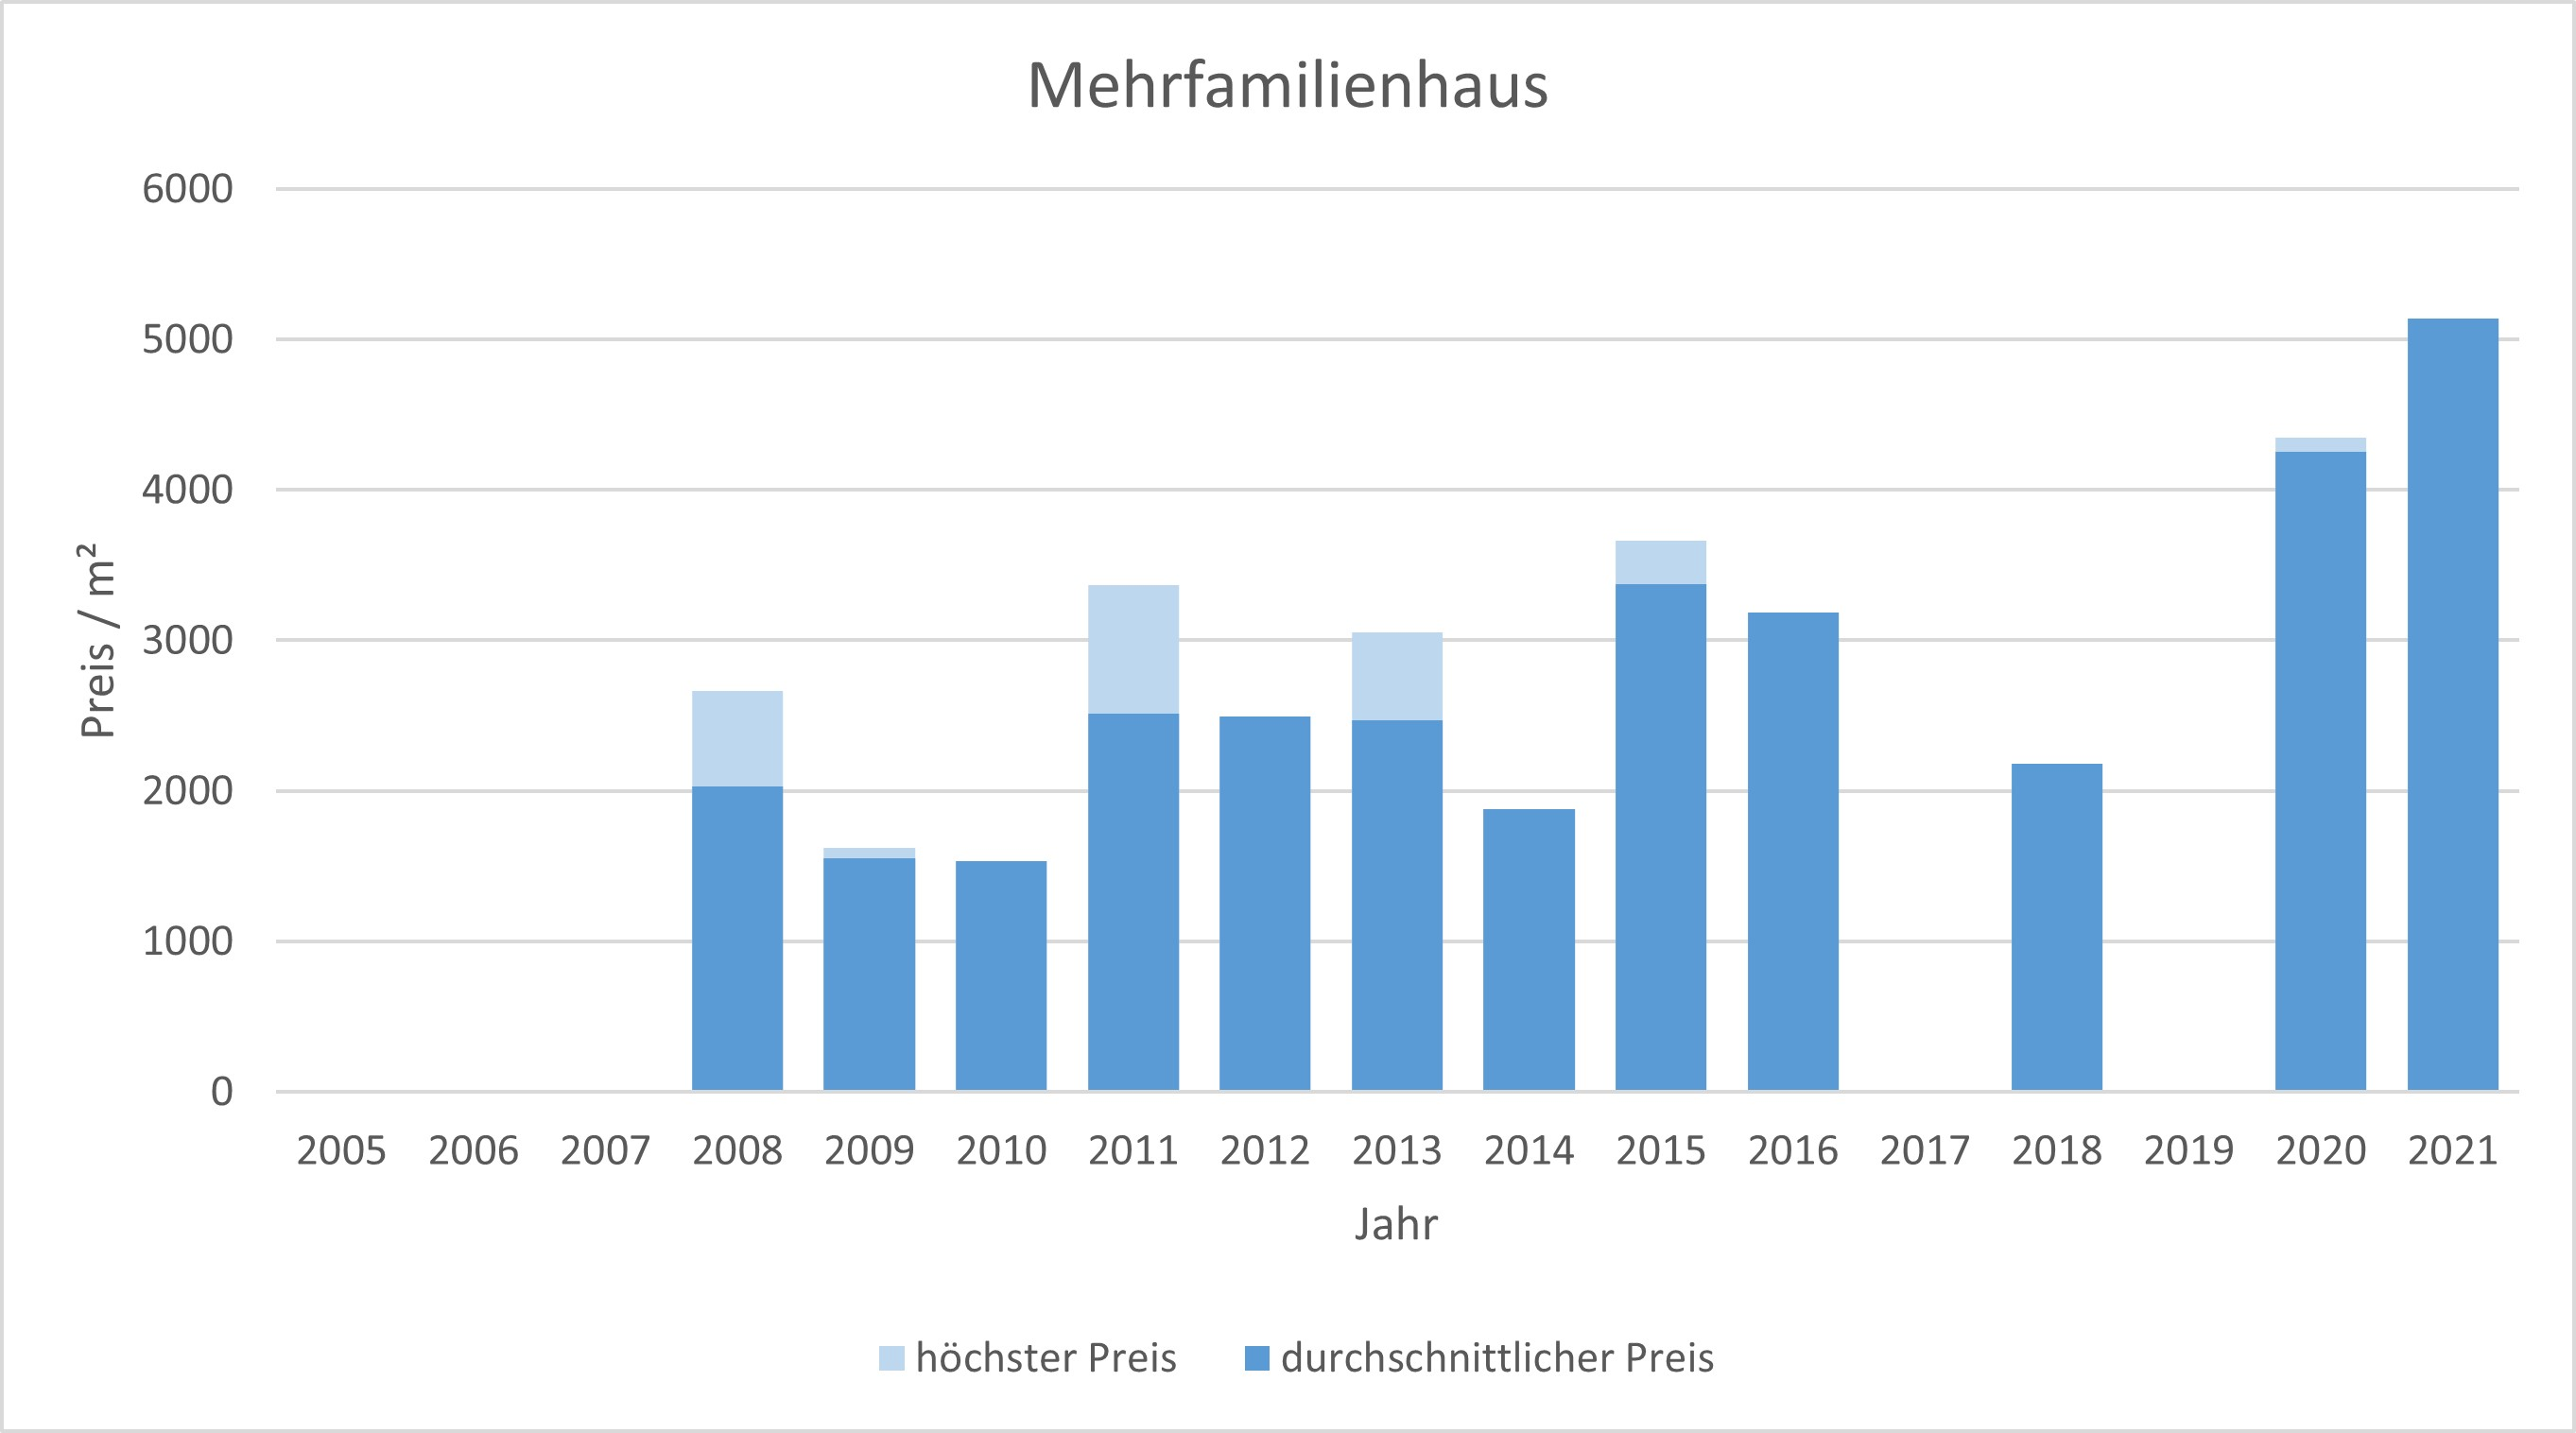 Aßling Makler Mehrfamilienhaus Kaufen Verkaufen Preis Bewertung 2019, 2020, 2021